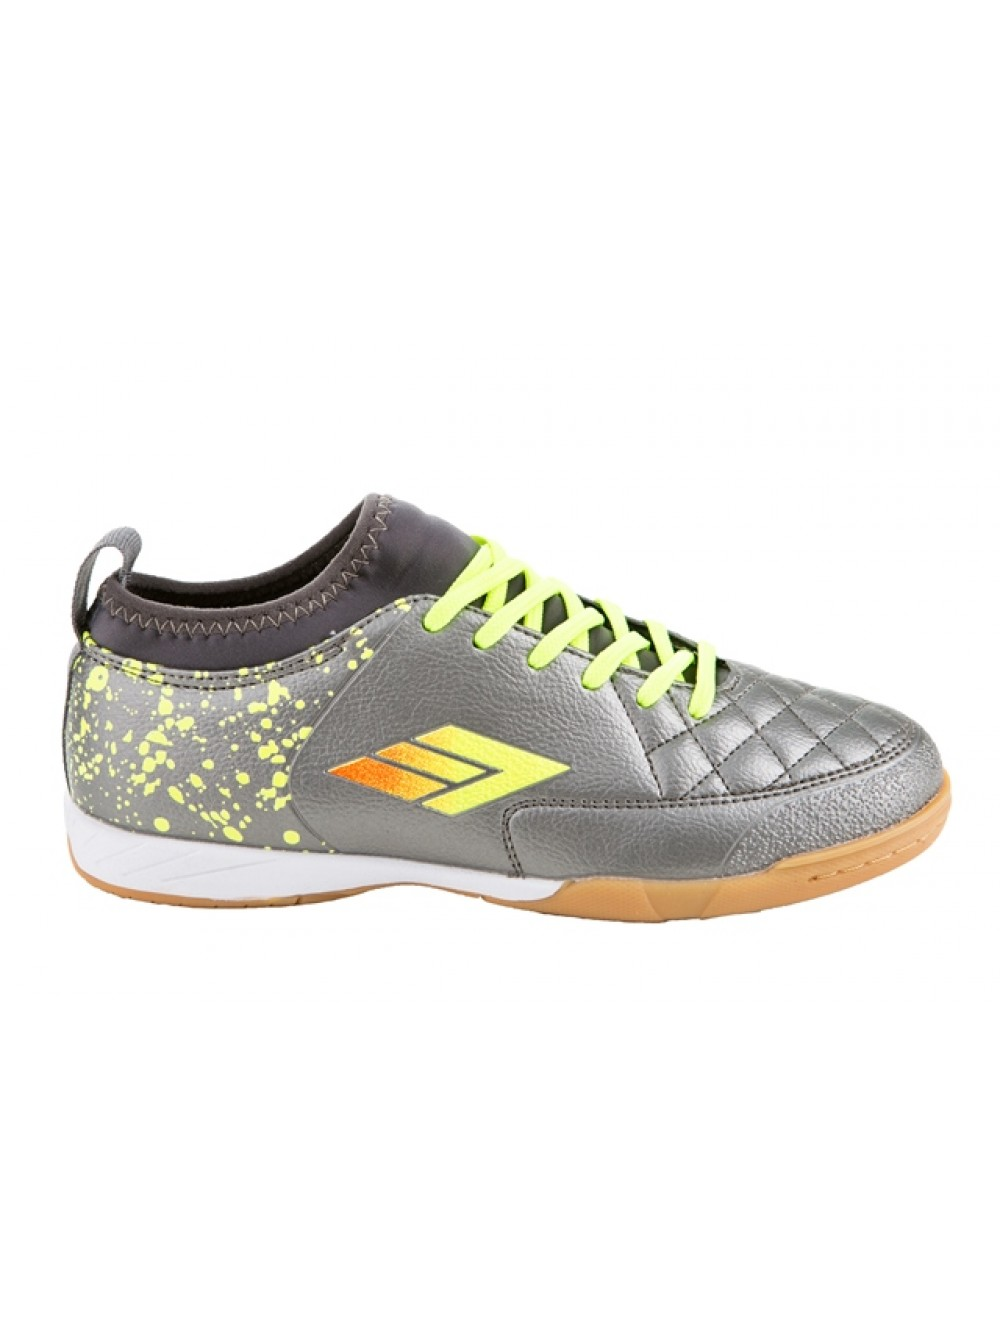 c614b678 Обувь для футбола (футзалки) Razor купить в Киеве и Украине | KED